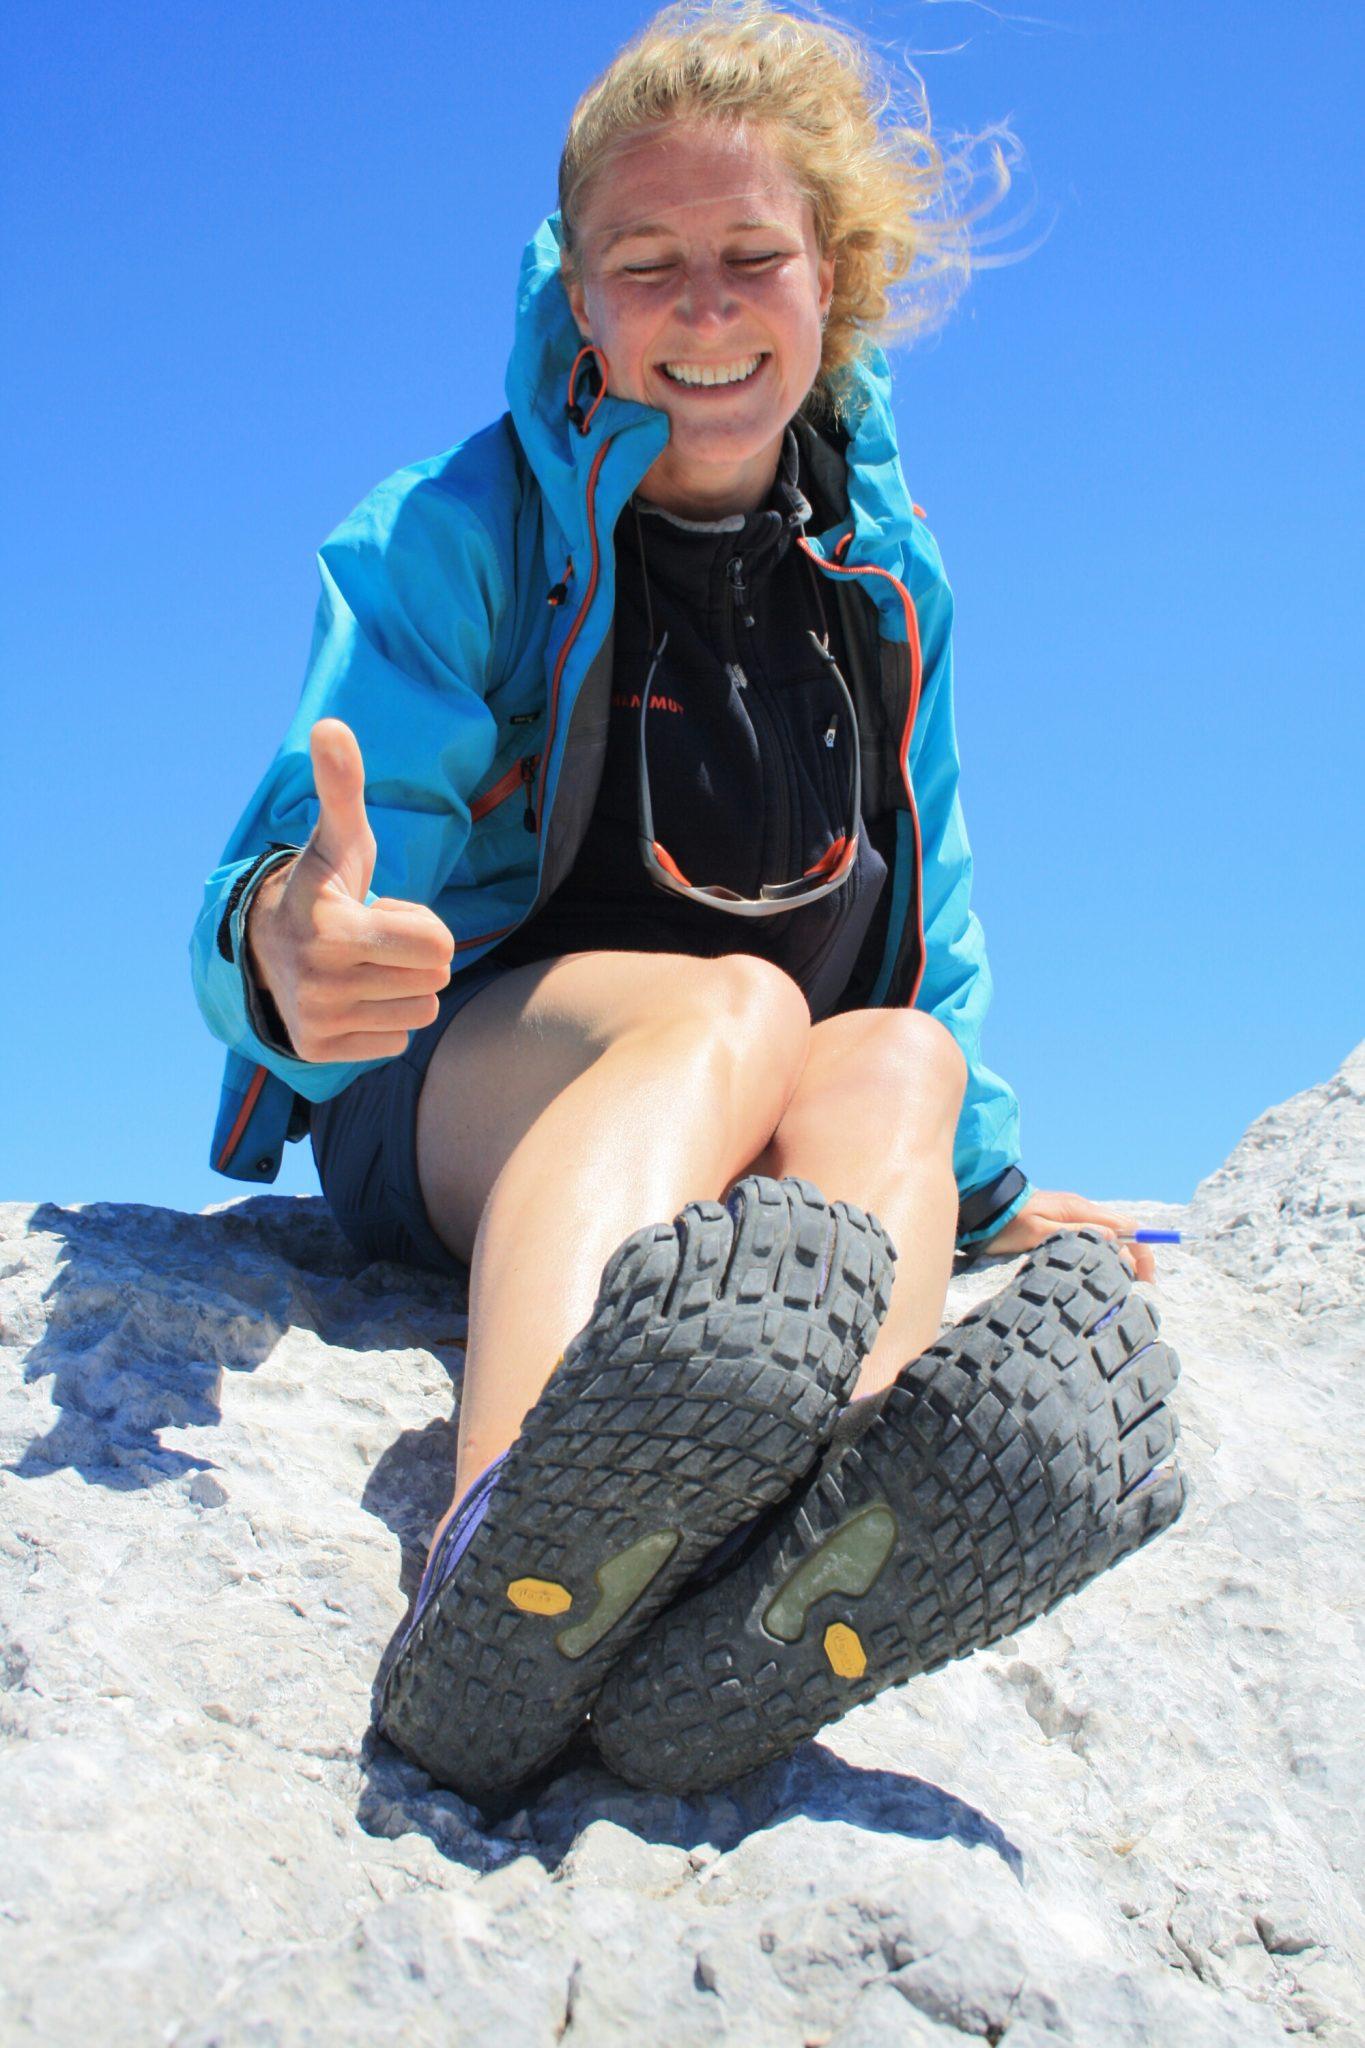 Waar zijn je schoenen? Wandelen door de bergen op FiveFingers (Spyridon MR)